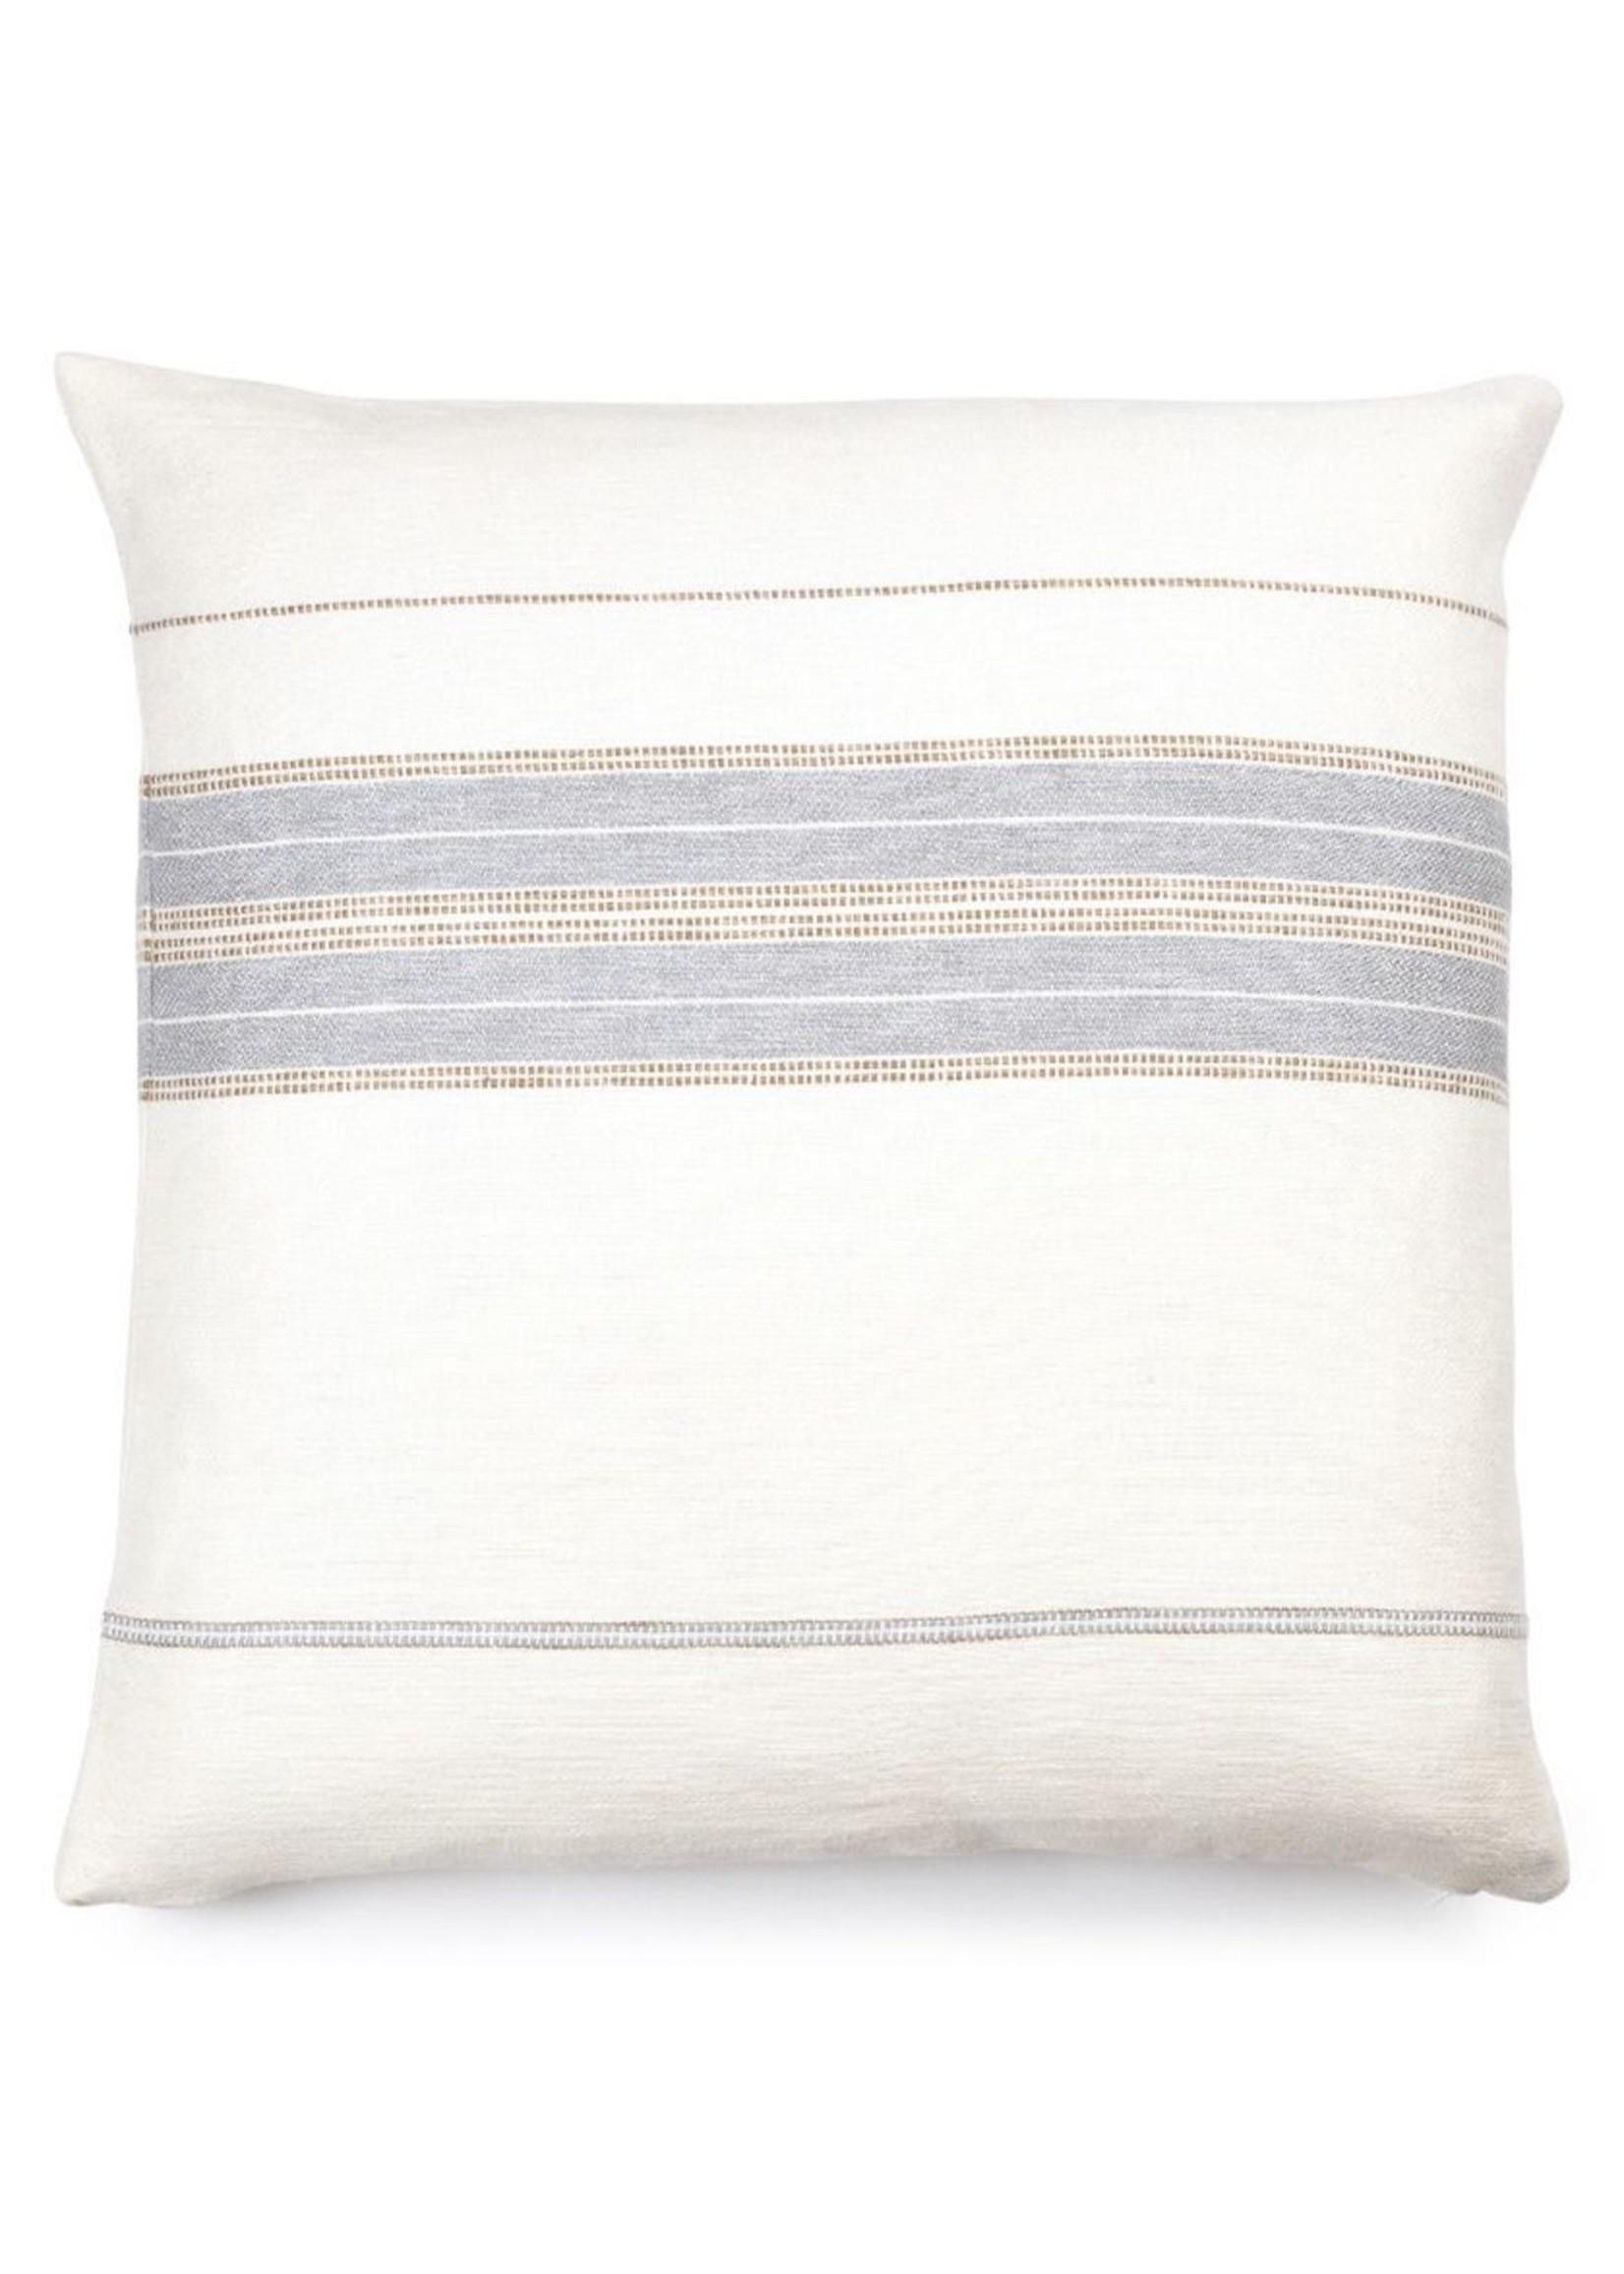 Libeco Libeco Propriano Multi Stripe Linen Pillow Covers